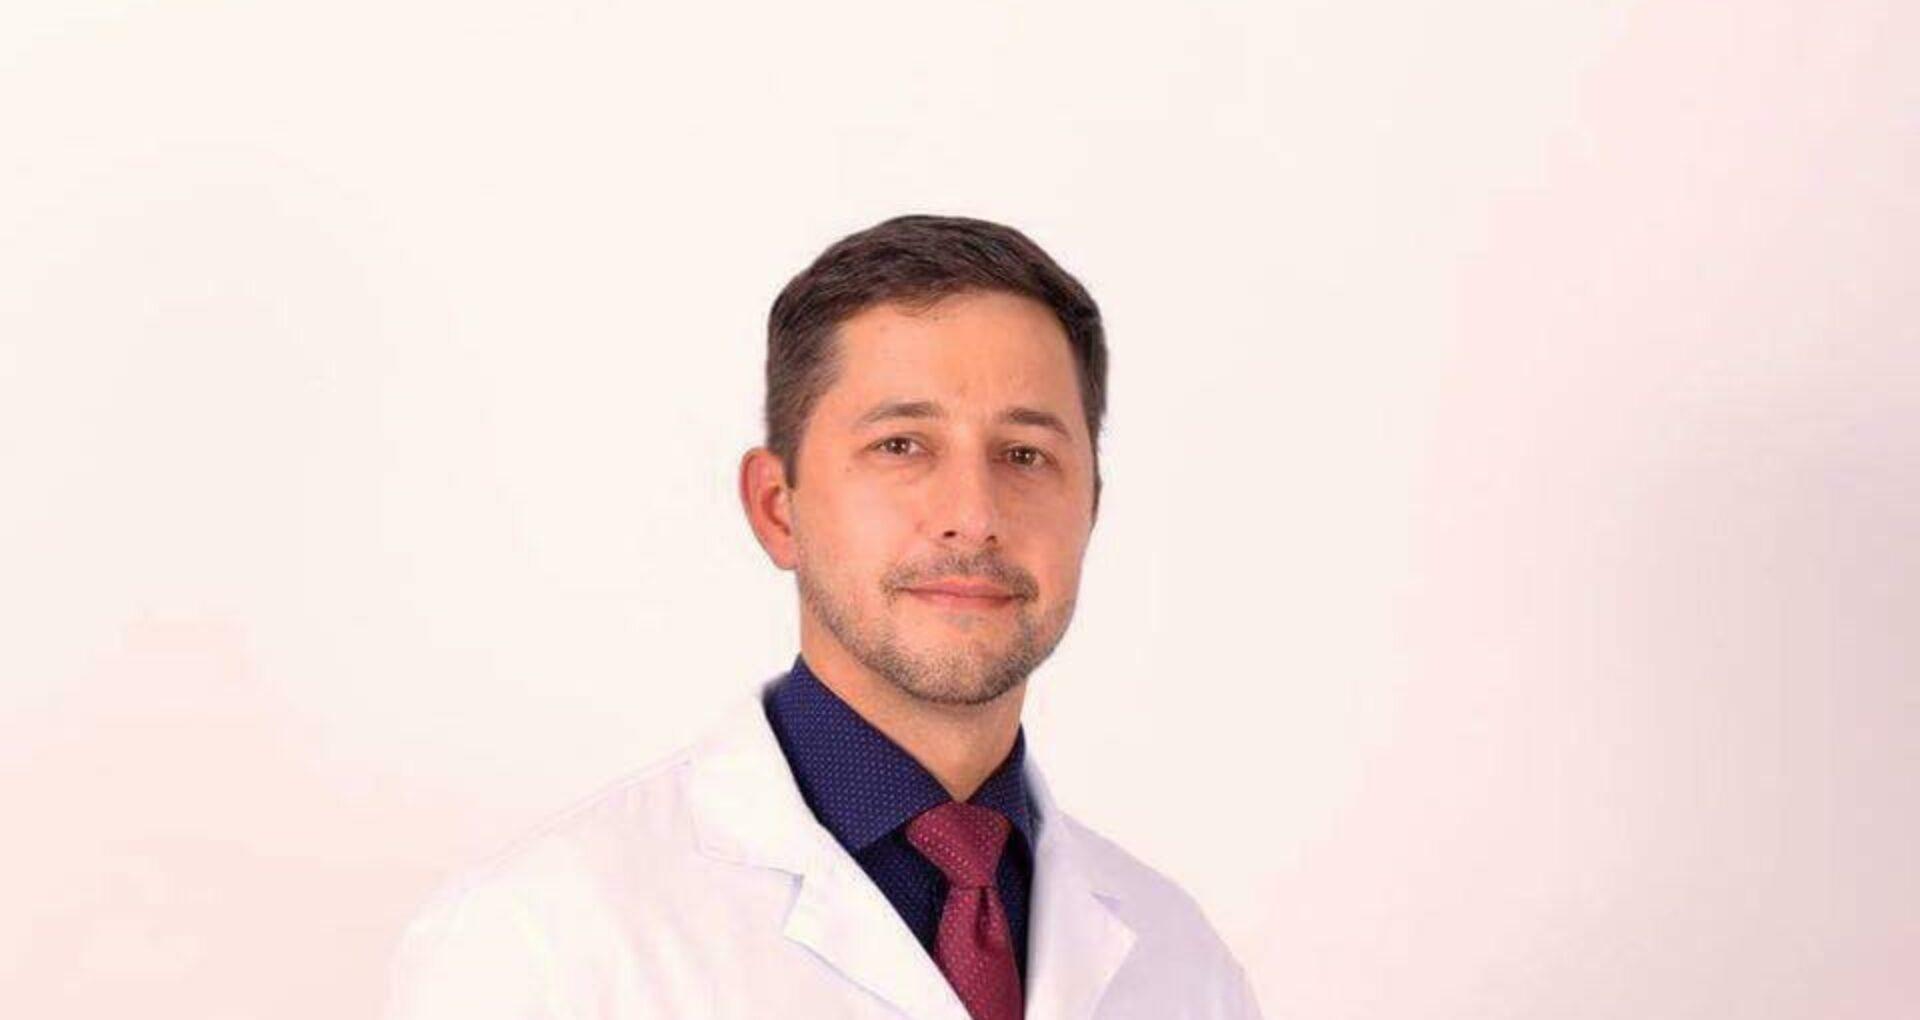 După ce și-a recunoscut vina, medicul Vadim Scarlat a fost eliberat din arest